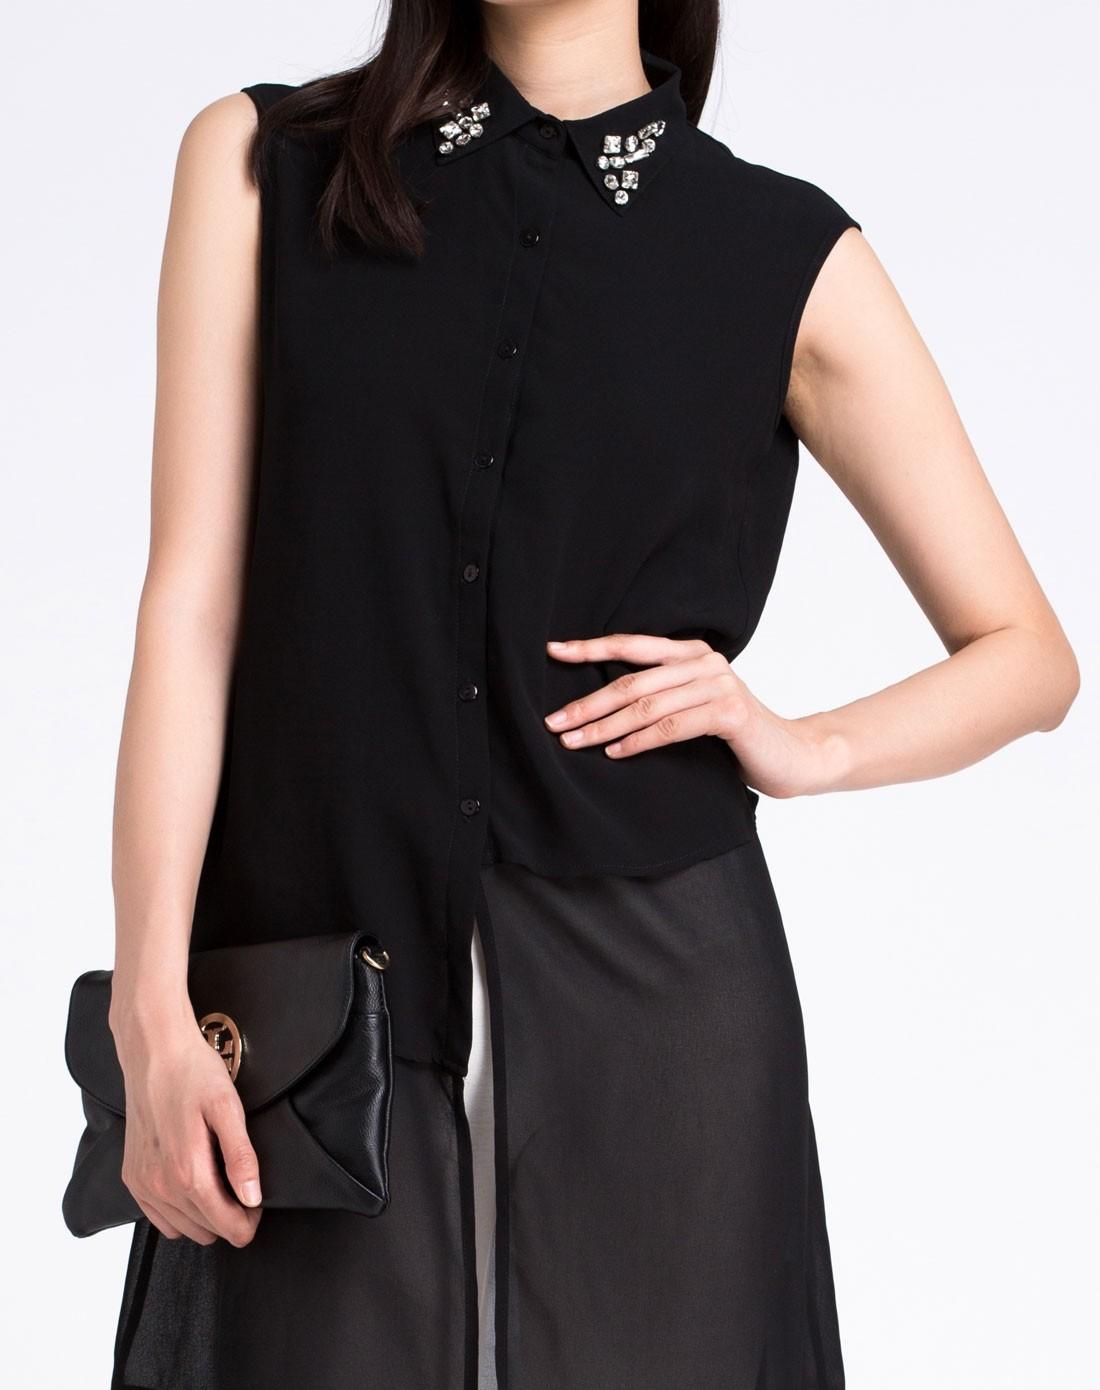 个性设计黑色无袖长款衬衫